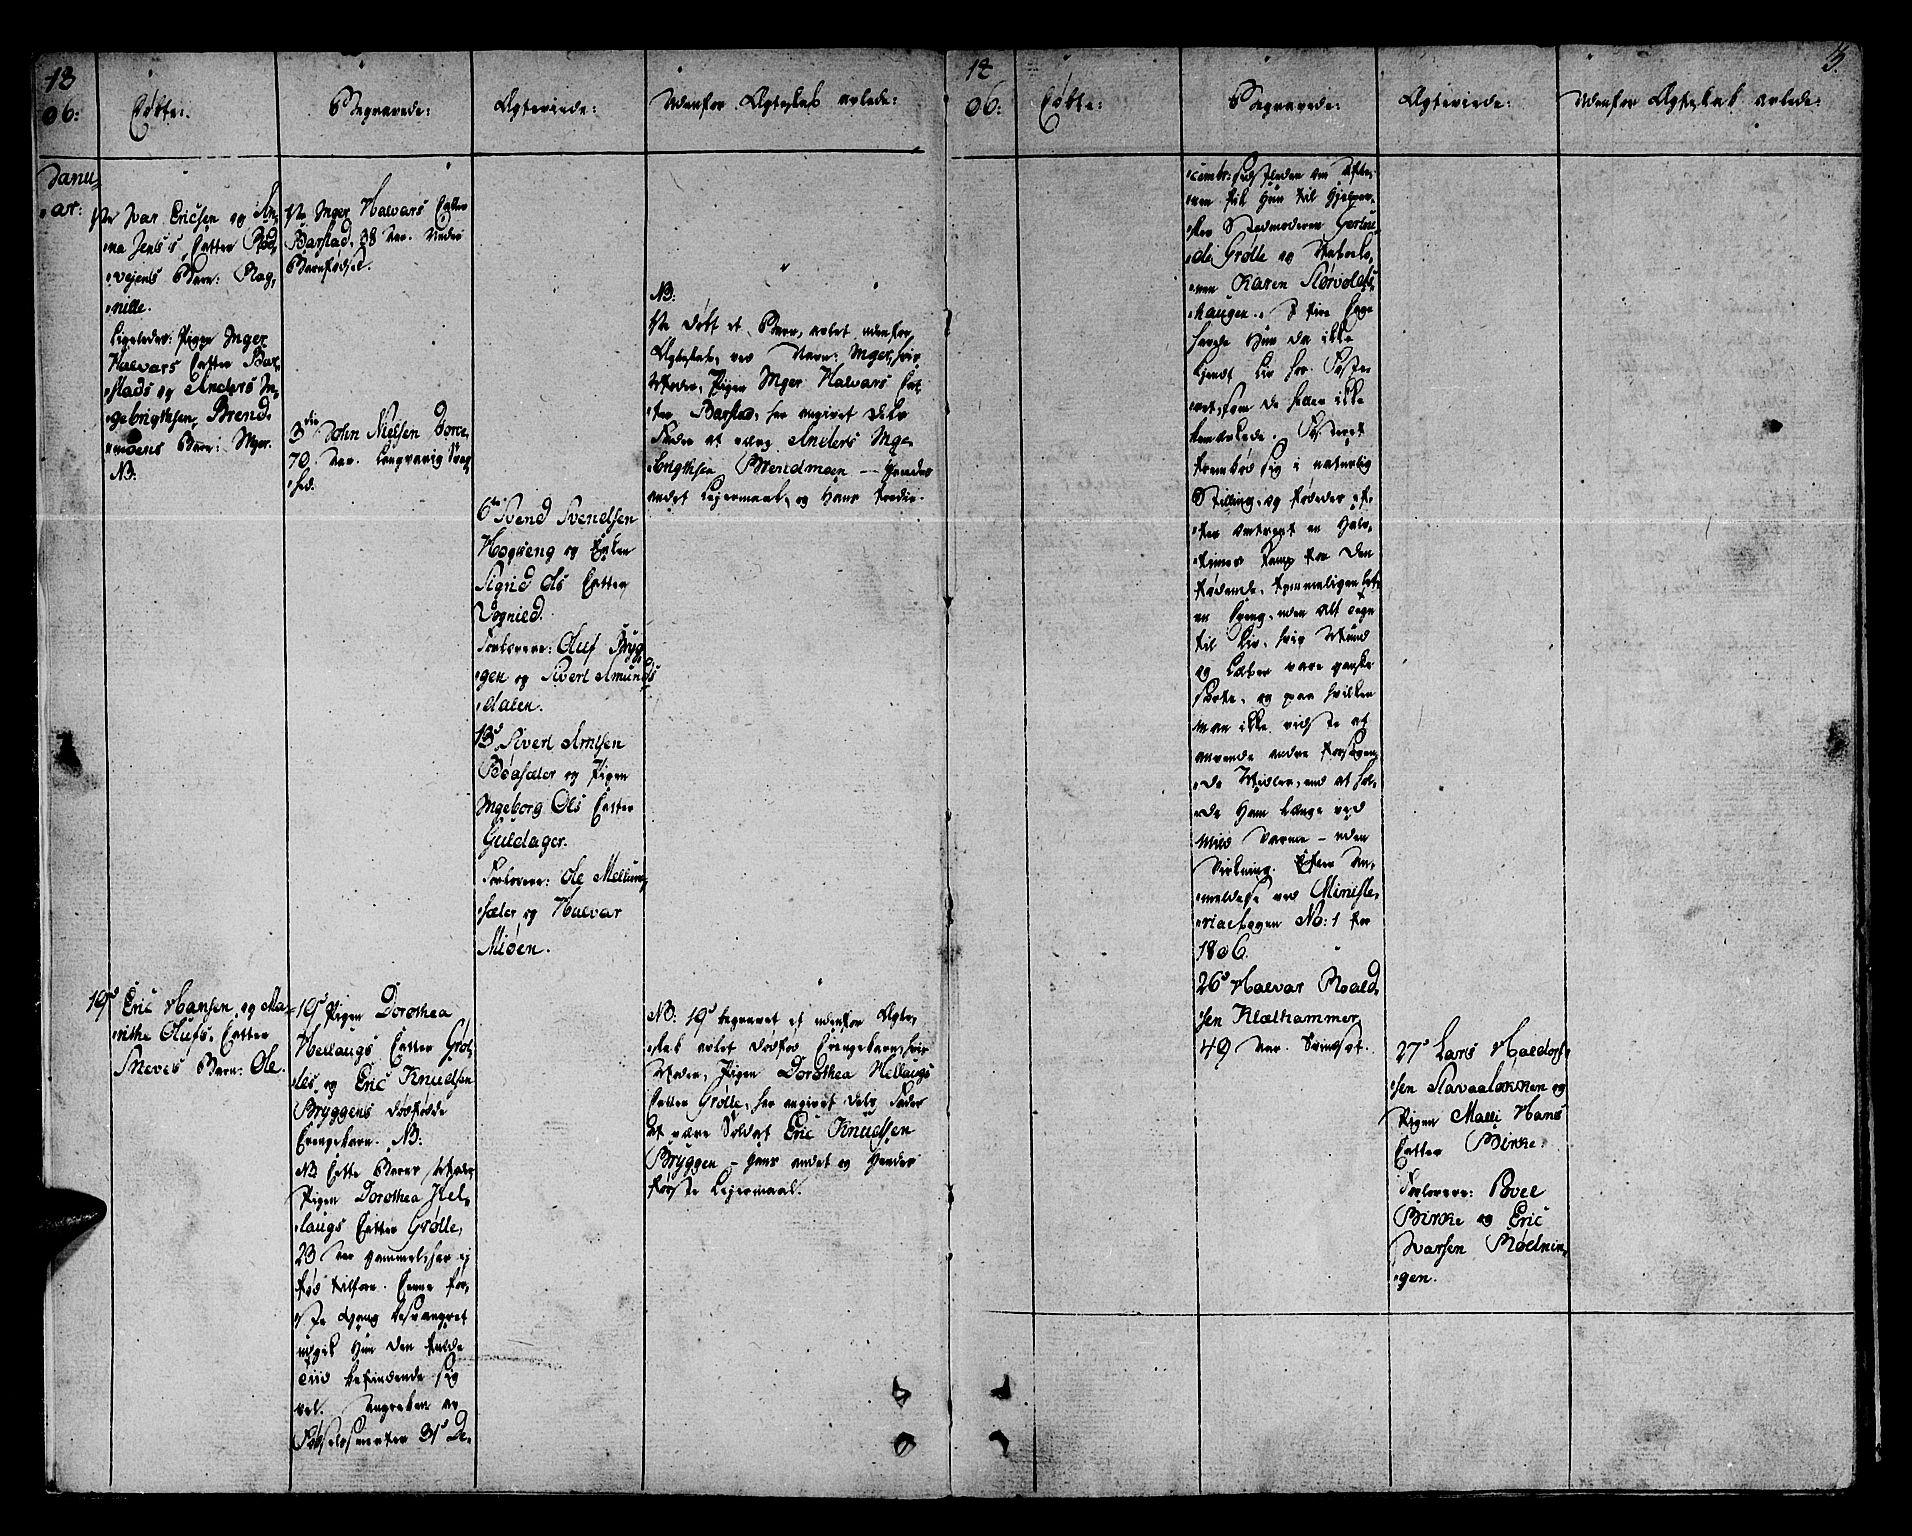 SAT, Ministerialprotokoller, klokkerbøker og fødselsregistre - Sør-Trøndelag, 678/L0894: Ministerialbok nr. 678A04, 1806-1815, s. 3